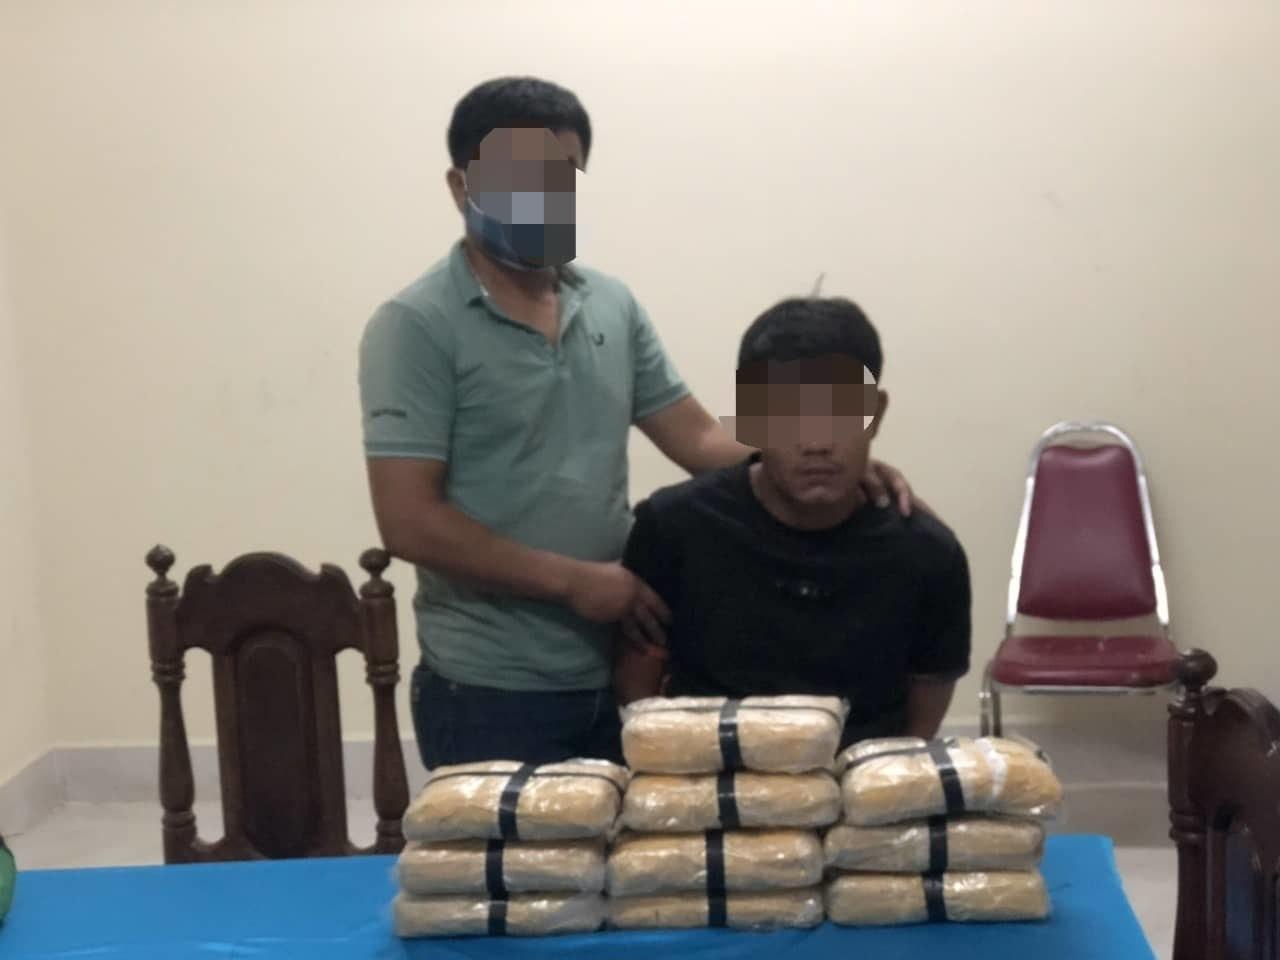 Quảng Trị: Bắt đối tượng chuyển 60.000 viên ma tuý